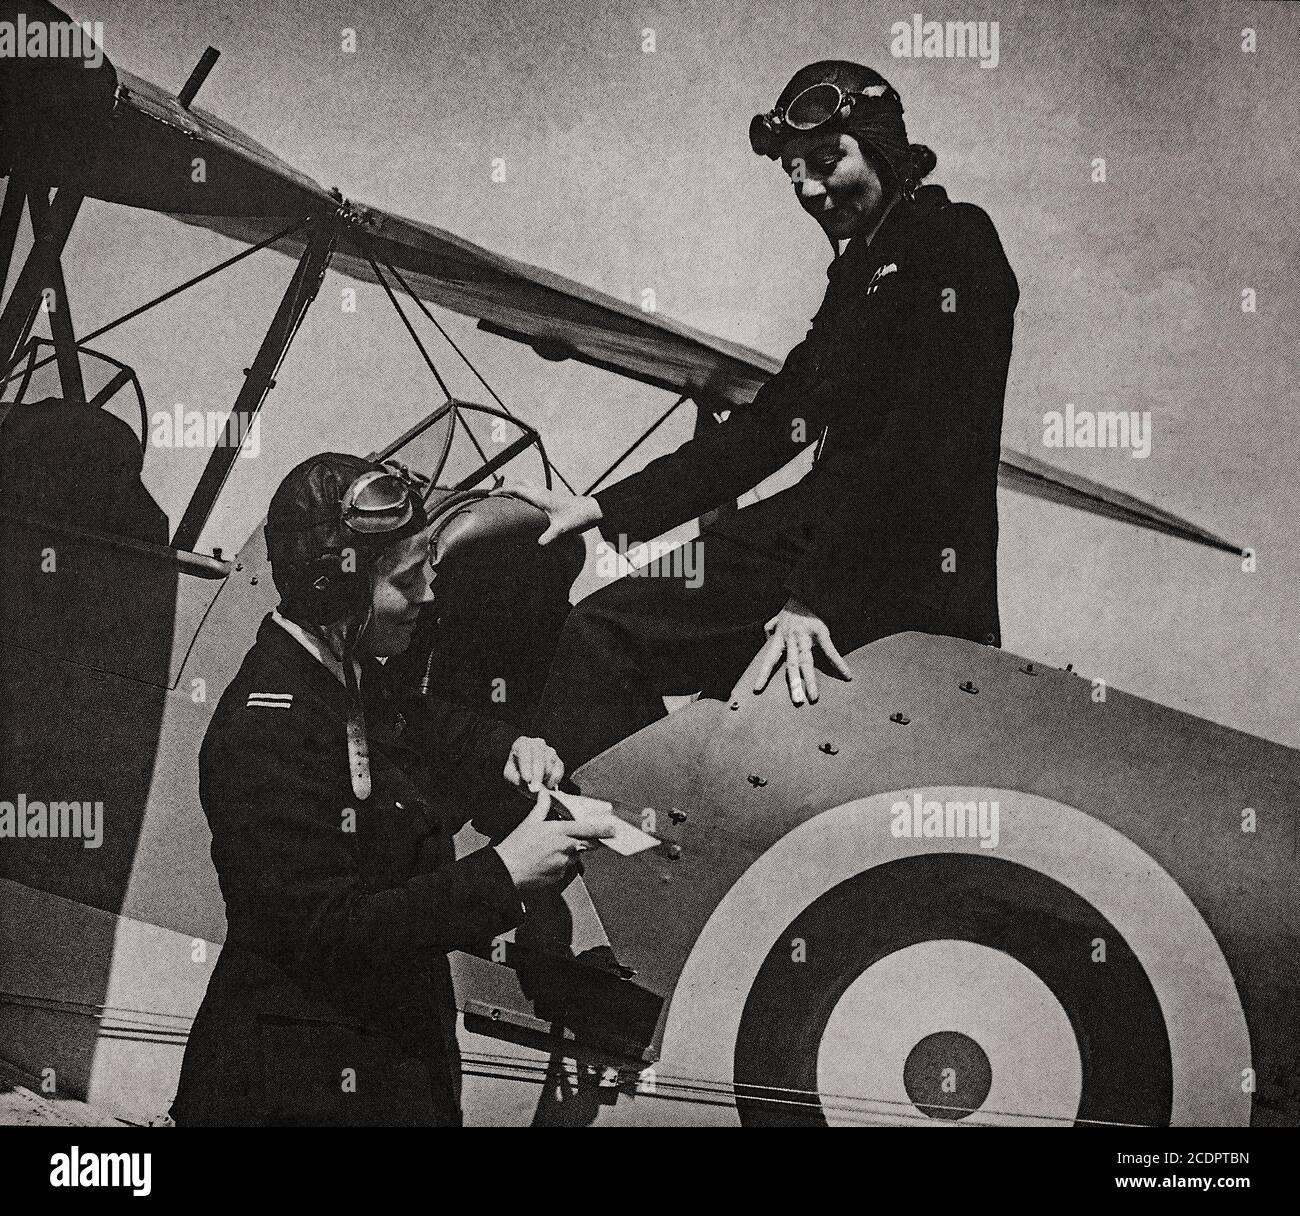 Mme Gabriel Patterson (à gauche) instructeur en conversation avec Mme Grace Brown qui a fait voler son Tiger Moth en France avec des fournitures médicales pendant l'avance allemande de 1940. Les deux étaient membres de l'auxiliaire du transport aérien (ATA) mis en place au cours de la Seconde Guerre mondiale pour acheminer des avions militaires neufs, réparés et endommagés entre des usines, des usines d'assemblage, des points de livraison transatlantiques, des unités de maintenance (MU) et des escadrons de service actif et des aérodromes. Ils ont également fait voler du personnel de service d'urgence d'un endroit à l'autre et ont effectué des travaux d'ambulance aérienne. Banque D'Images